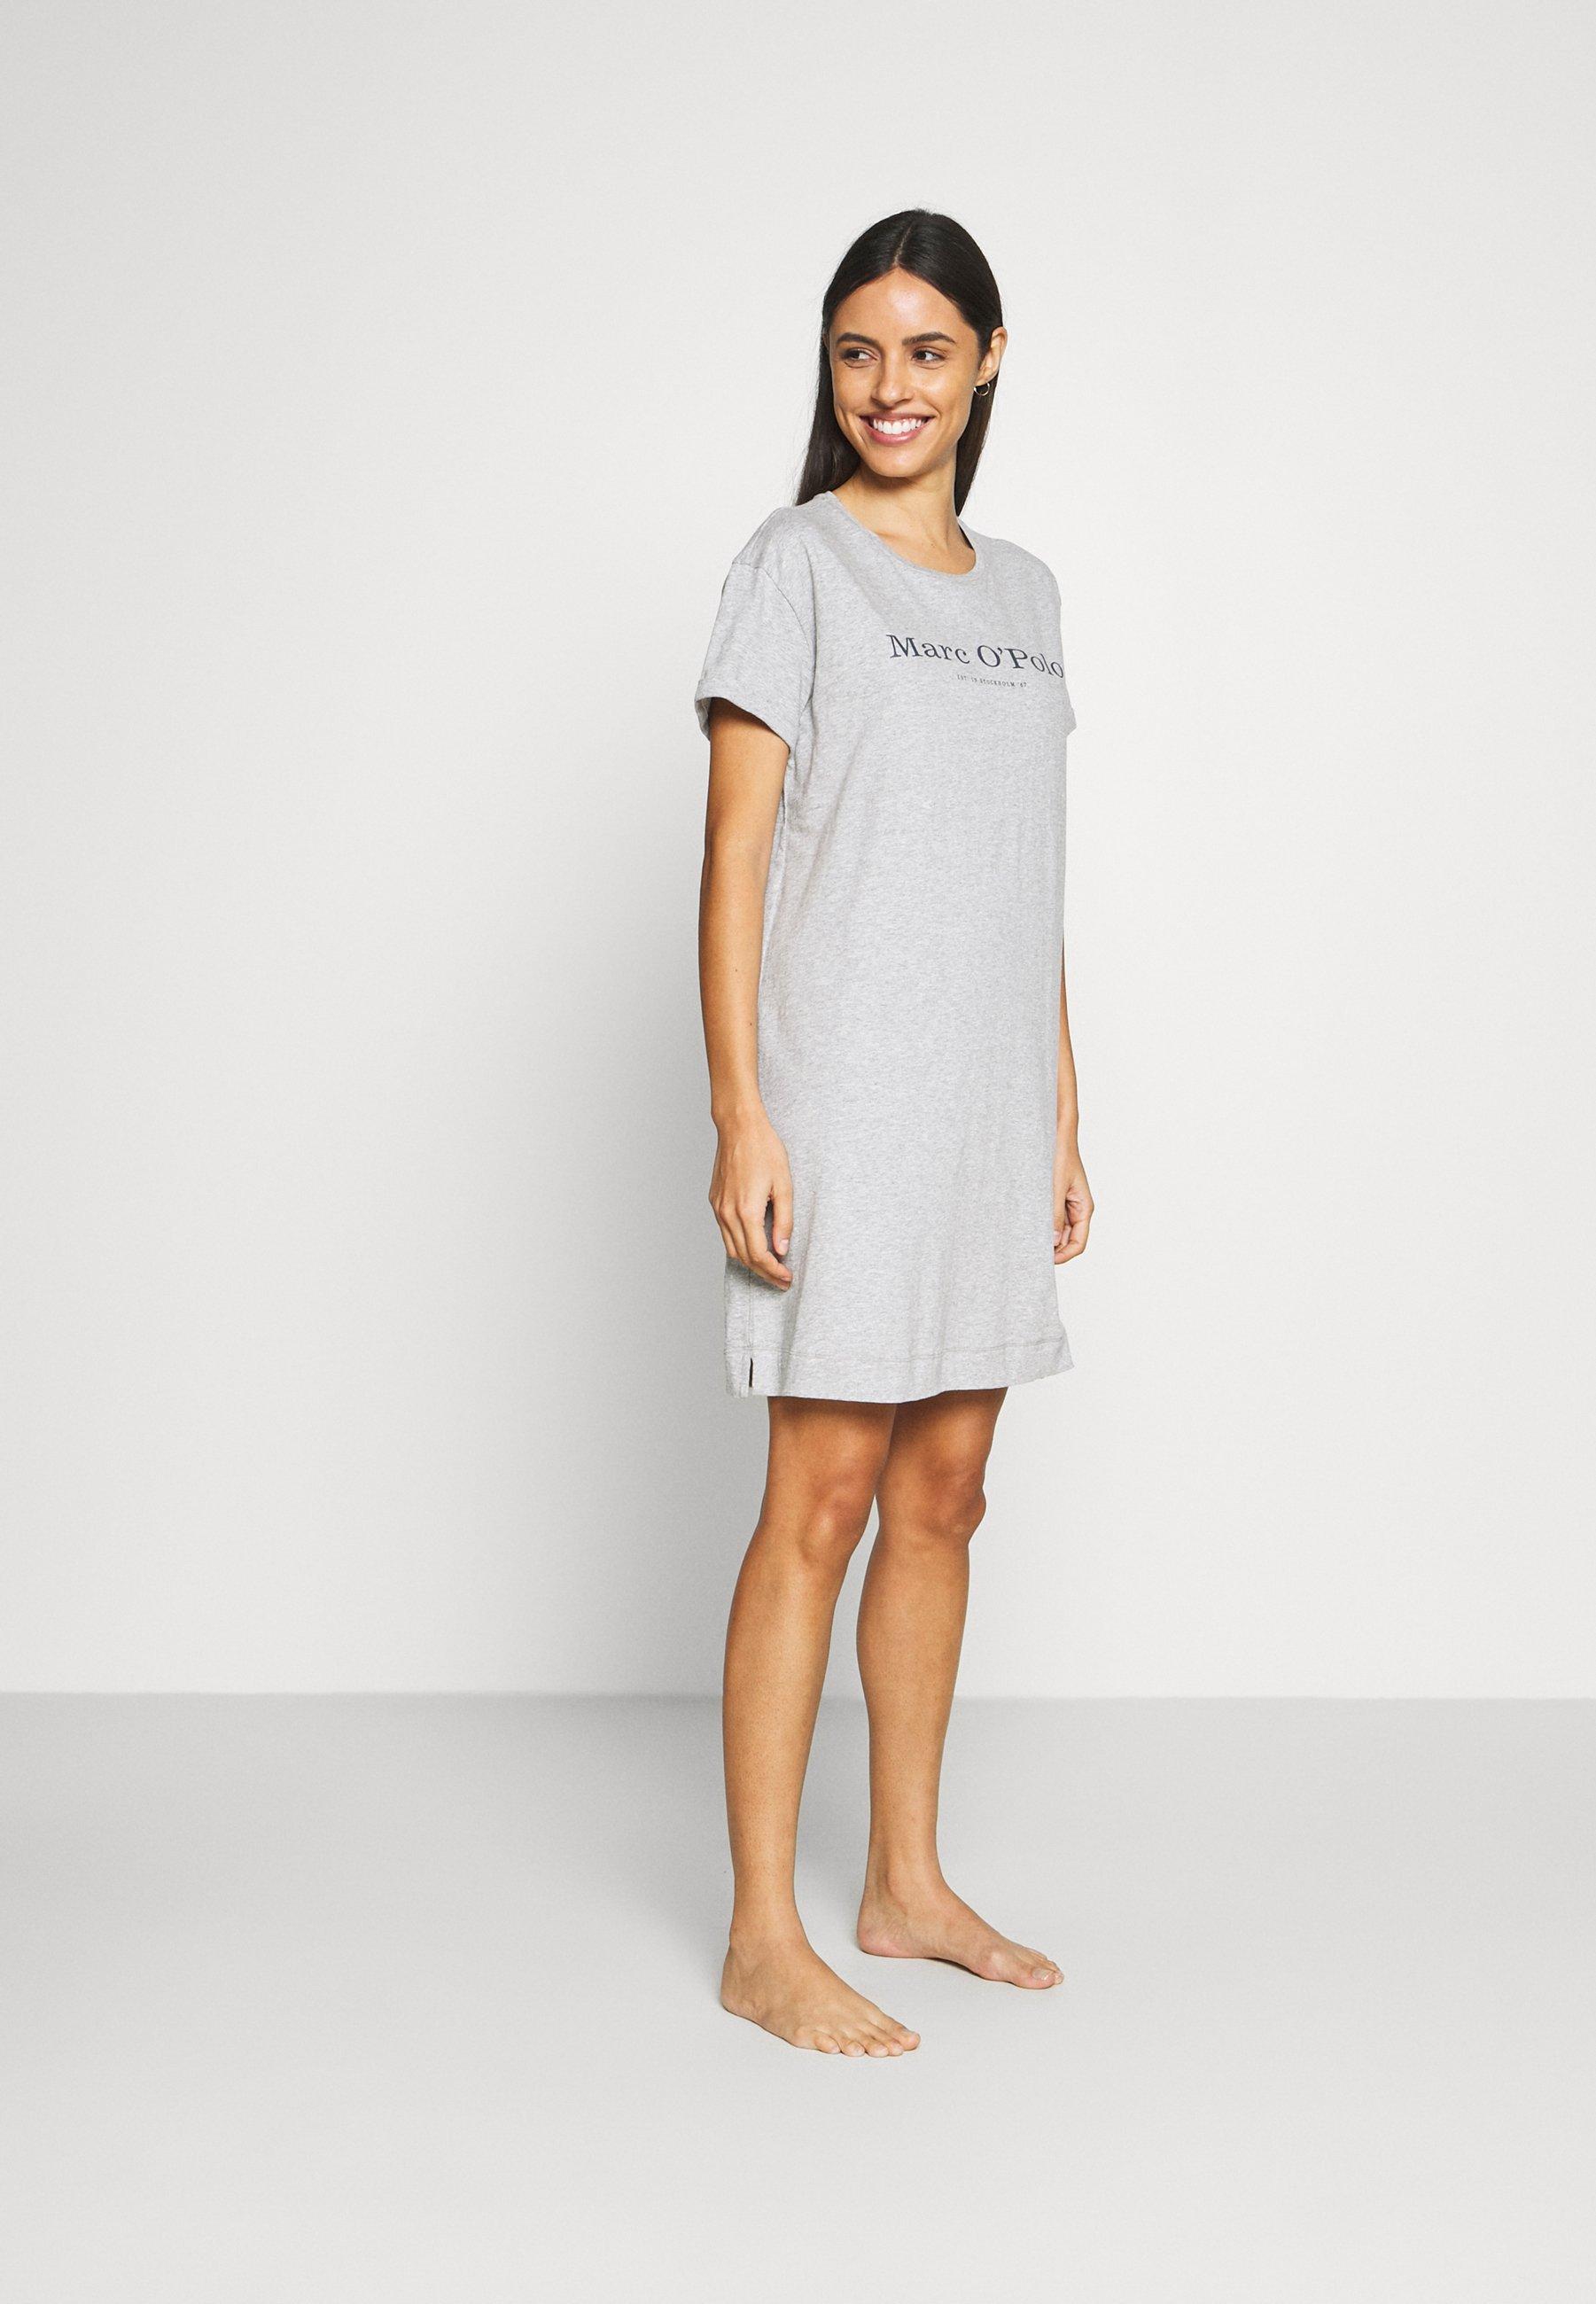 Damen SLEEPSHIRT CREW NECK - Nachtwäsche Shirt